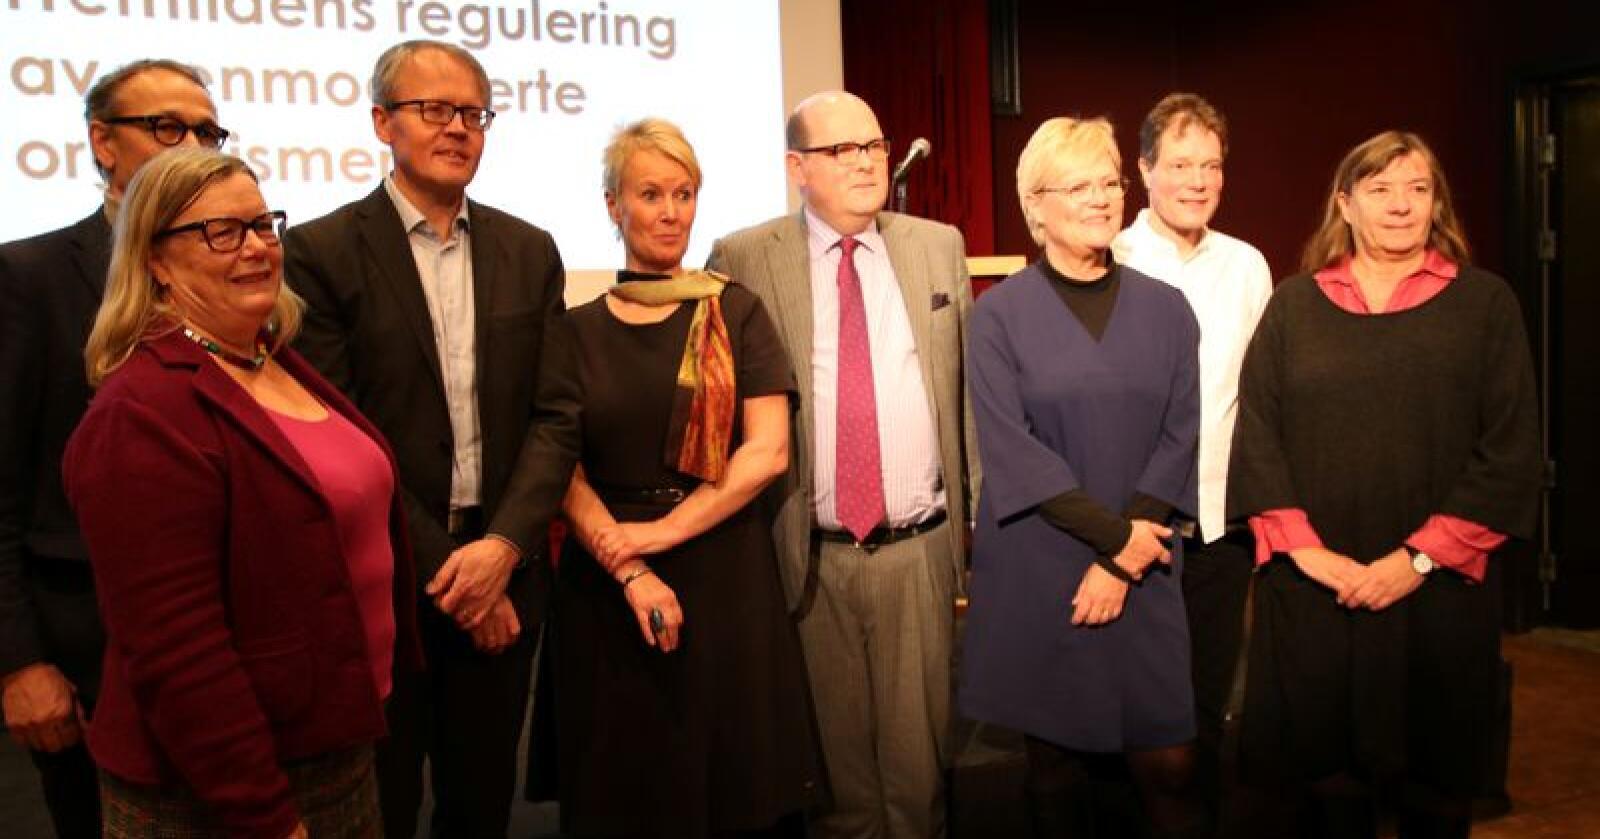 Innlederne da Bioteknologirådets la fram debattgrunnlaget om fremtidens regulering av GMO. Fra venstre: Trine Hvoslef-Eide (NMBU), Bjørn Myskja (NTNU/Bioteknologirådet), Ola Hedstein (Norsk Landbrukssamvirke), Aina Bartmann (Nettverk for GMO-fri mat og fôr), Petter Haas Brubakk (NHO), Kristin Halvorsen (Bioteknologirådet, Arne Holst-Jensen (Veterinærinstituttet/Bioteknologirådet) og Bente Sandvik (Bioteknologirådet). Foto: Dag Idar Jøsang